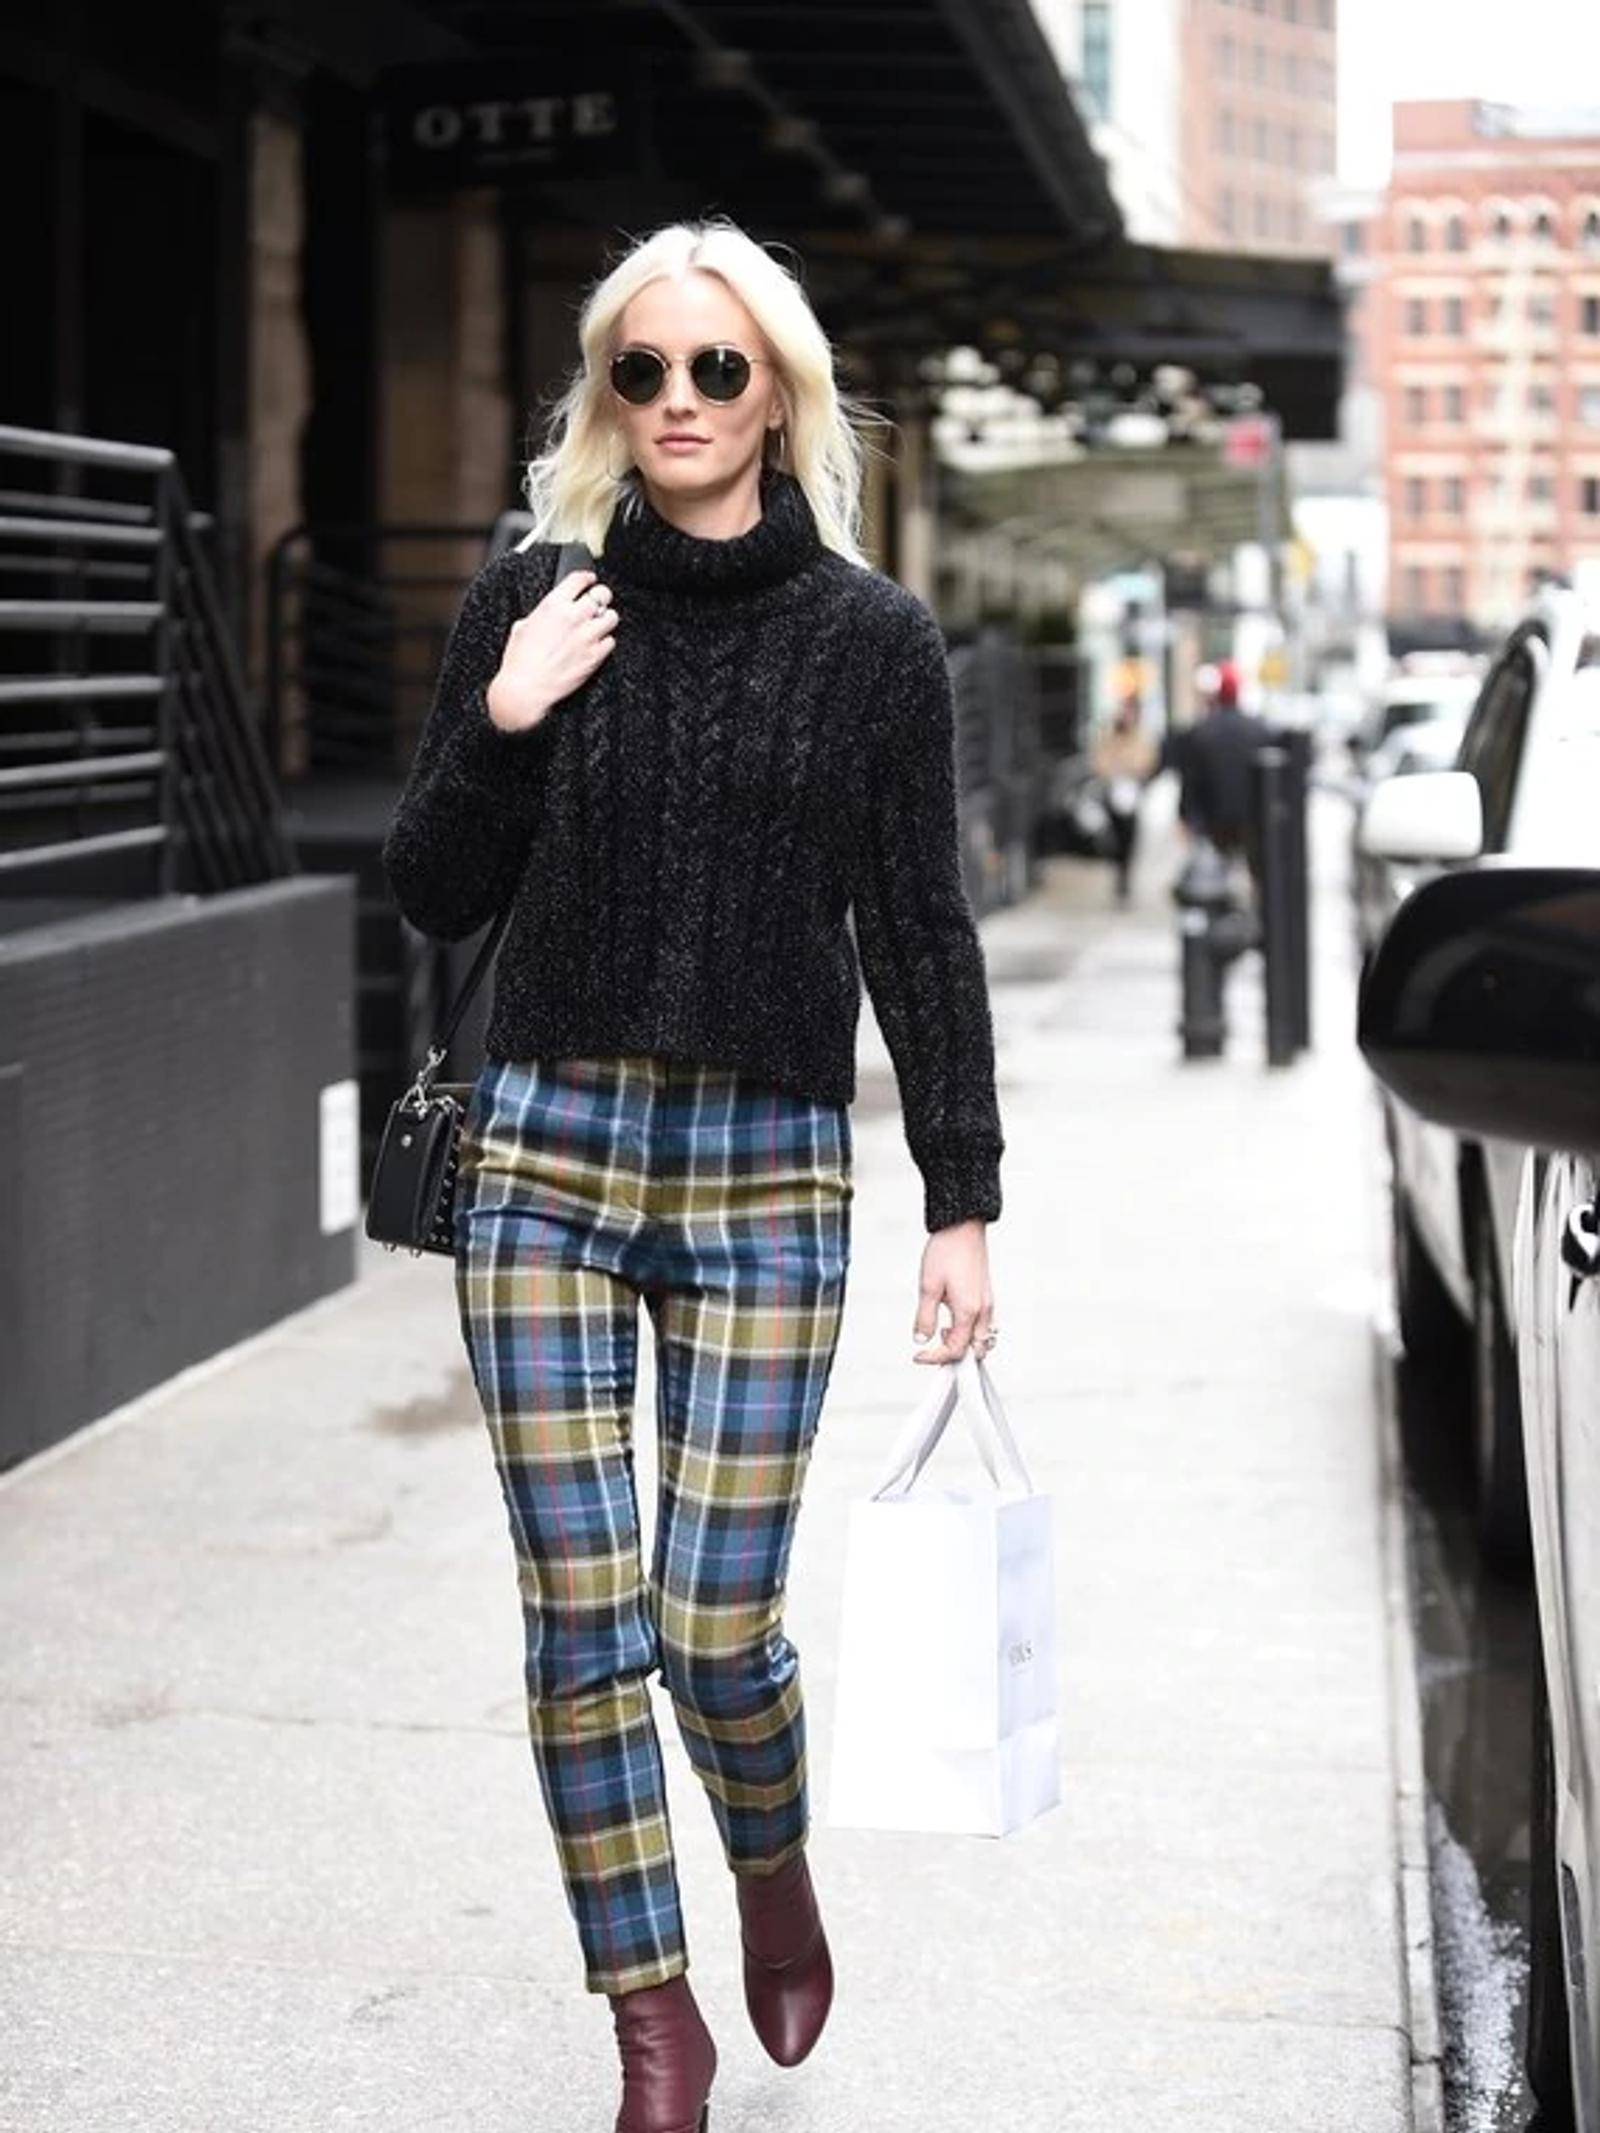 Leighton Meester Walking Down Sidewalk